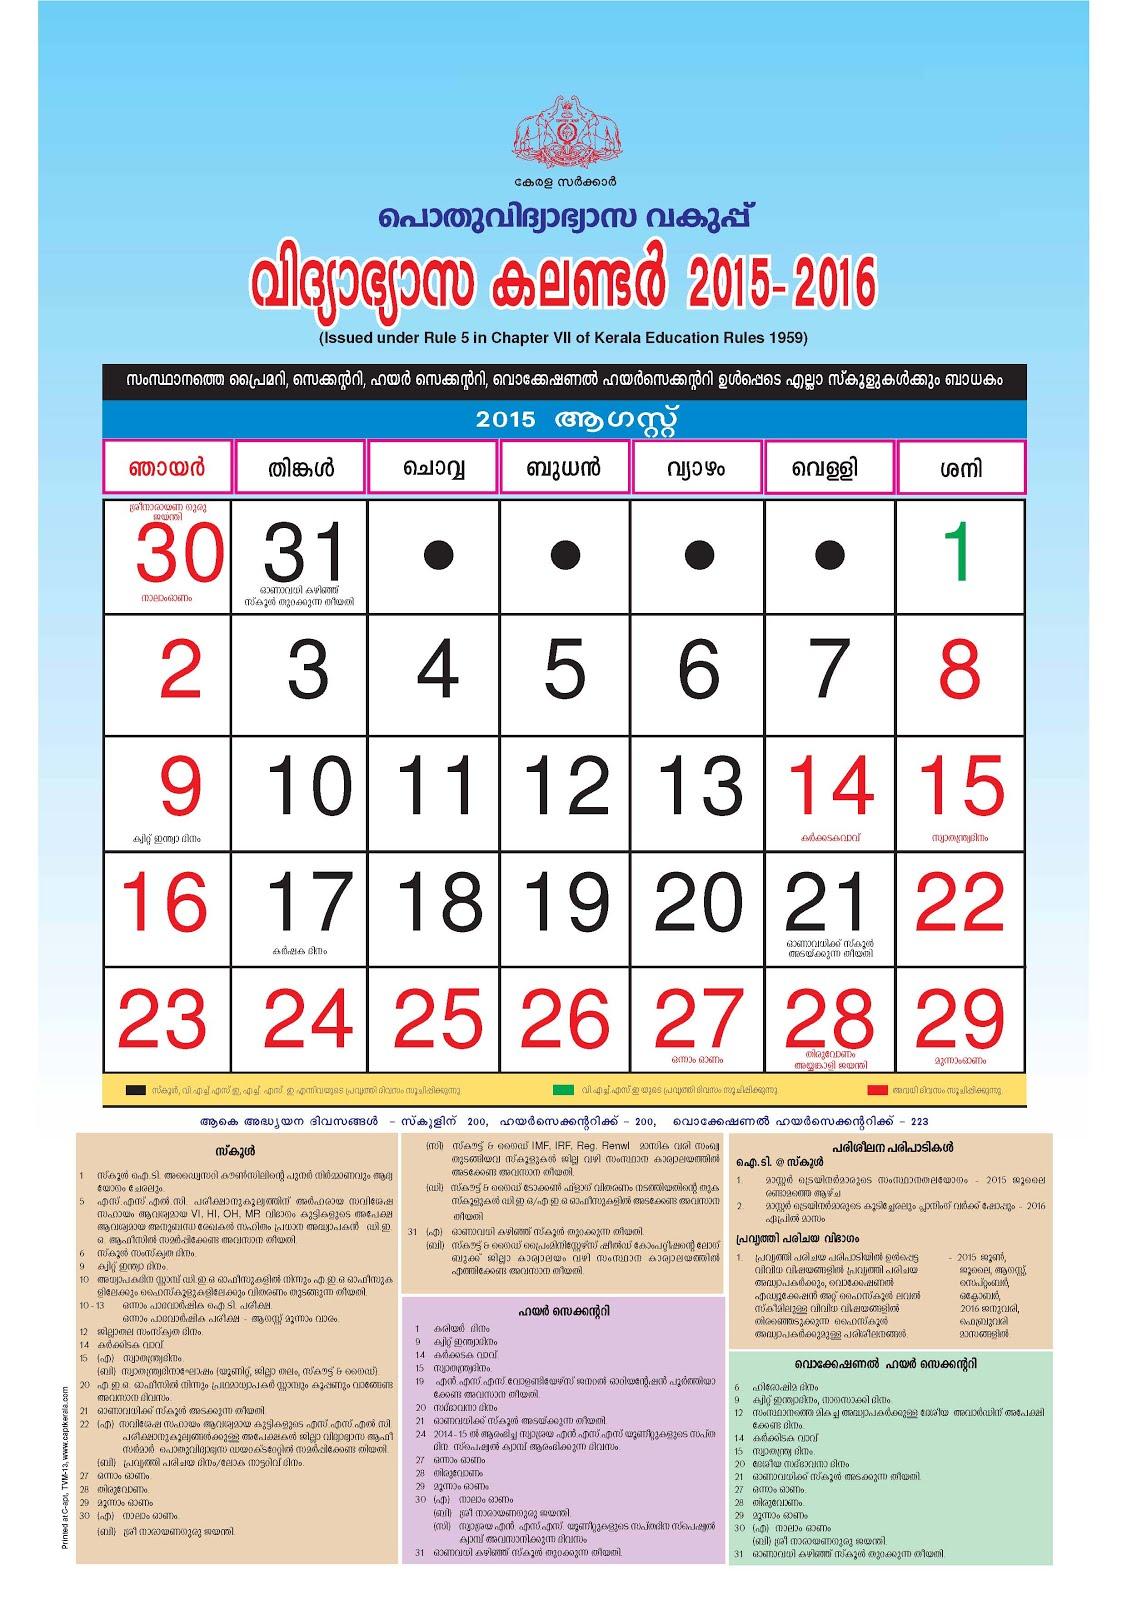 വിദ്യാഭ്യാസകലണ്ടര് 2015-16